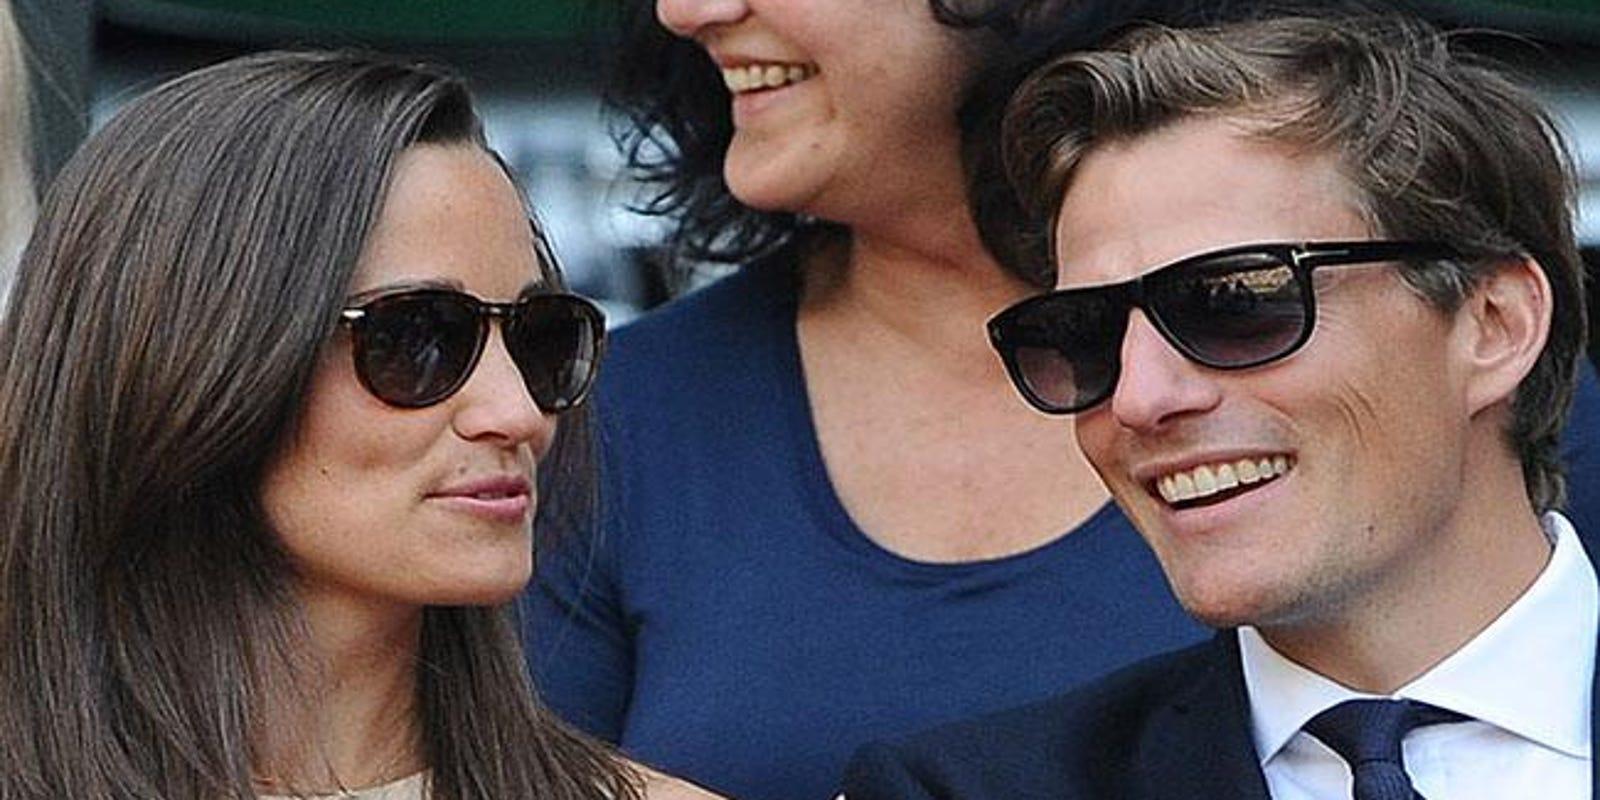 e77ee340c5 Pippa Middleton splits from boyfriend